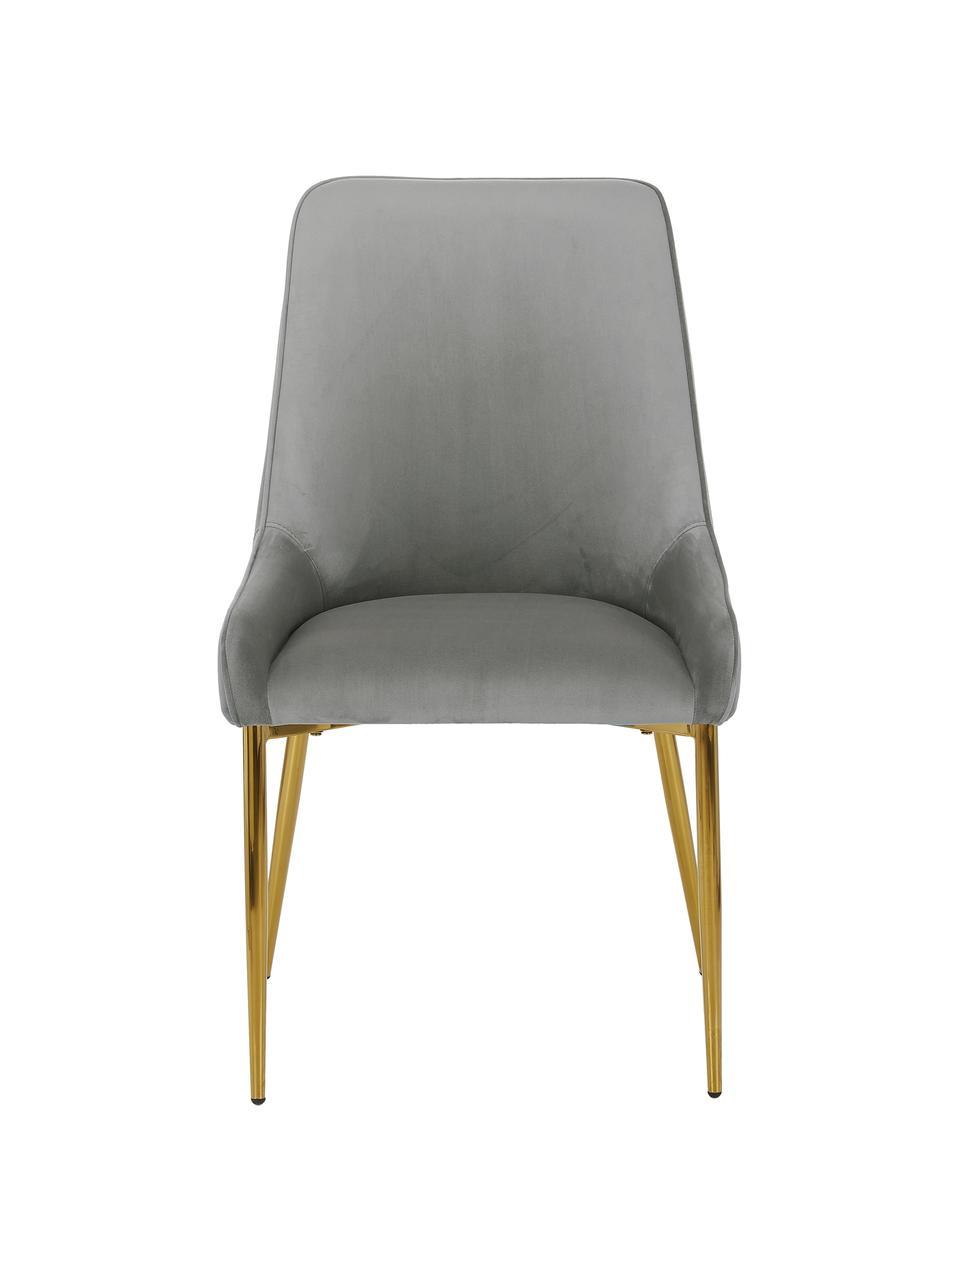 Fluwelen stoel Ava met goudkleurige poten, Bekleding: fluweel (100% polyester), Poten: gegalvaniseerd metaal, Fluweel grijs, B 55 x D 60 cm